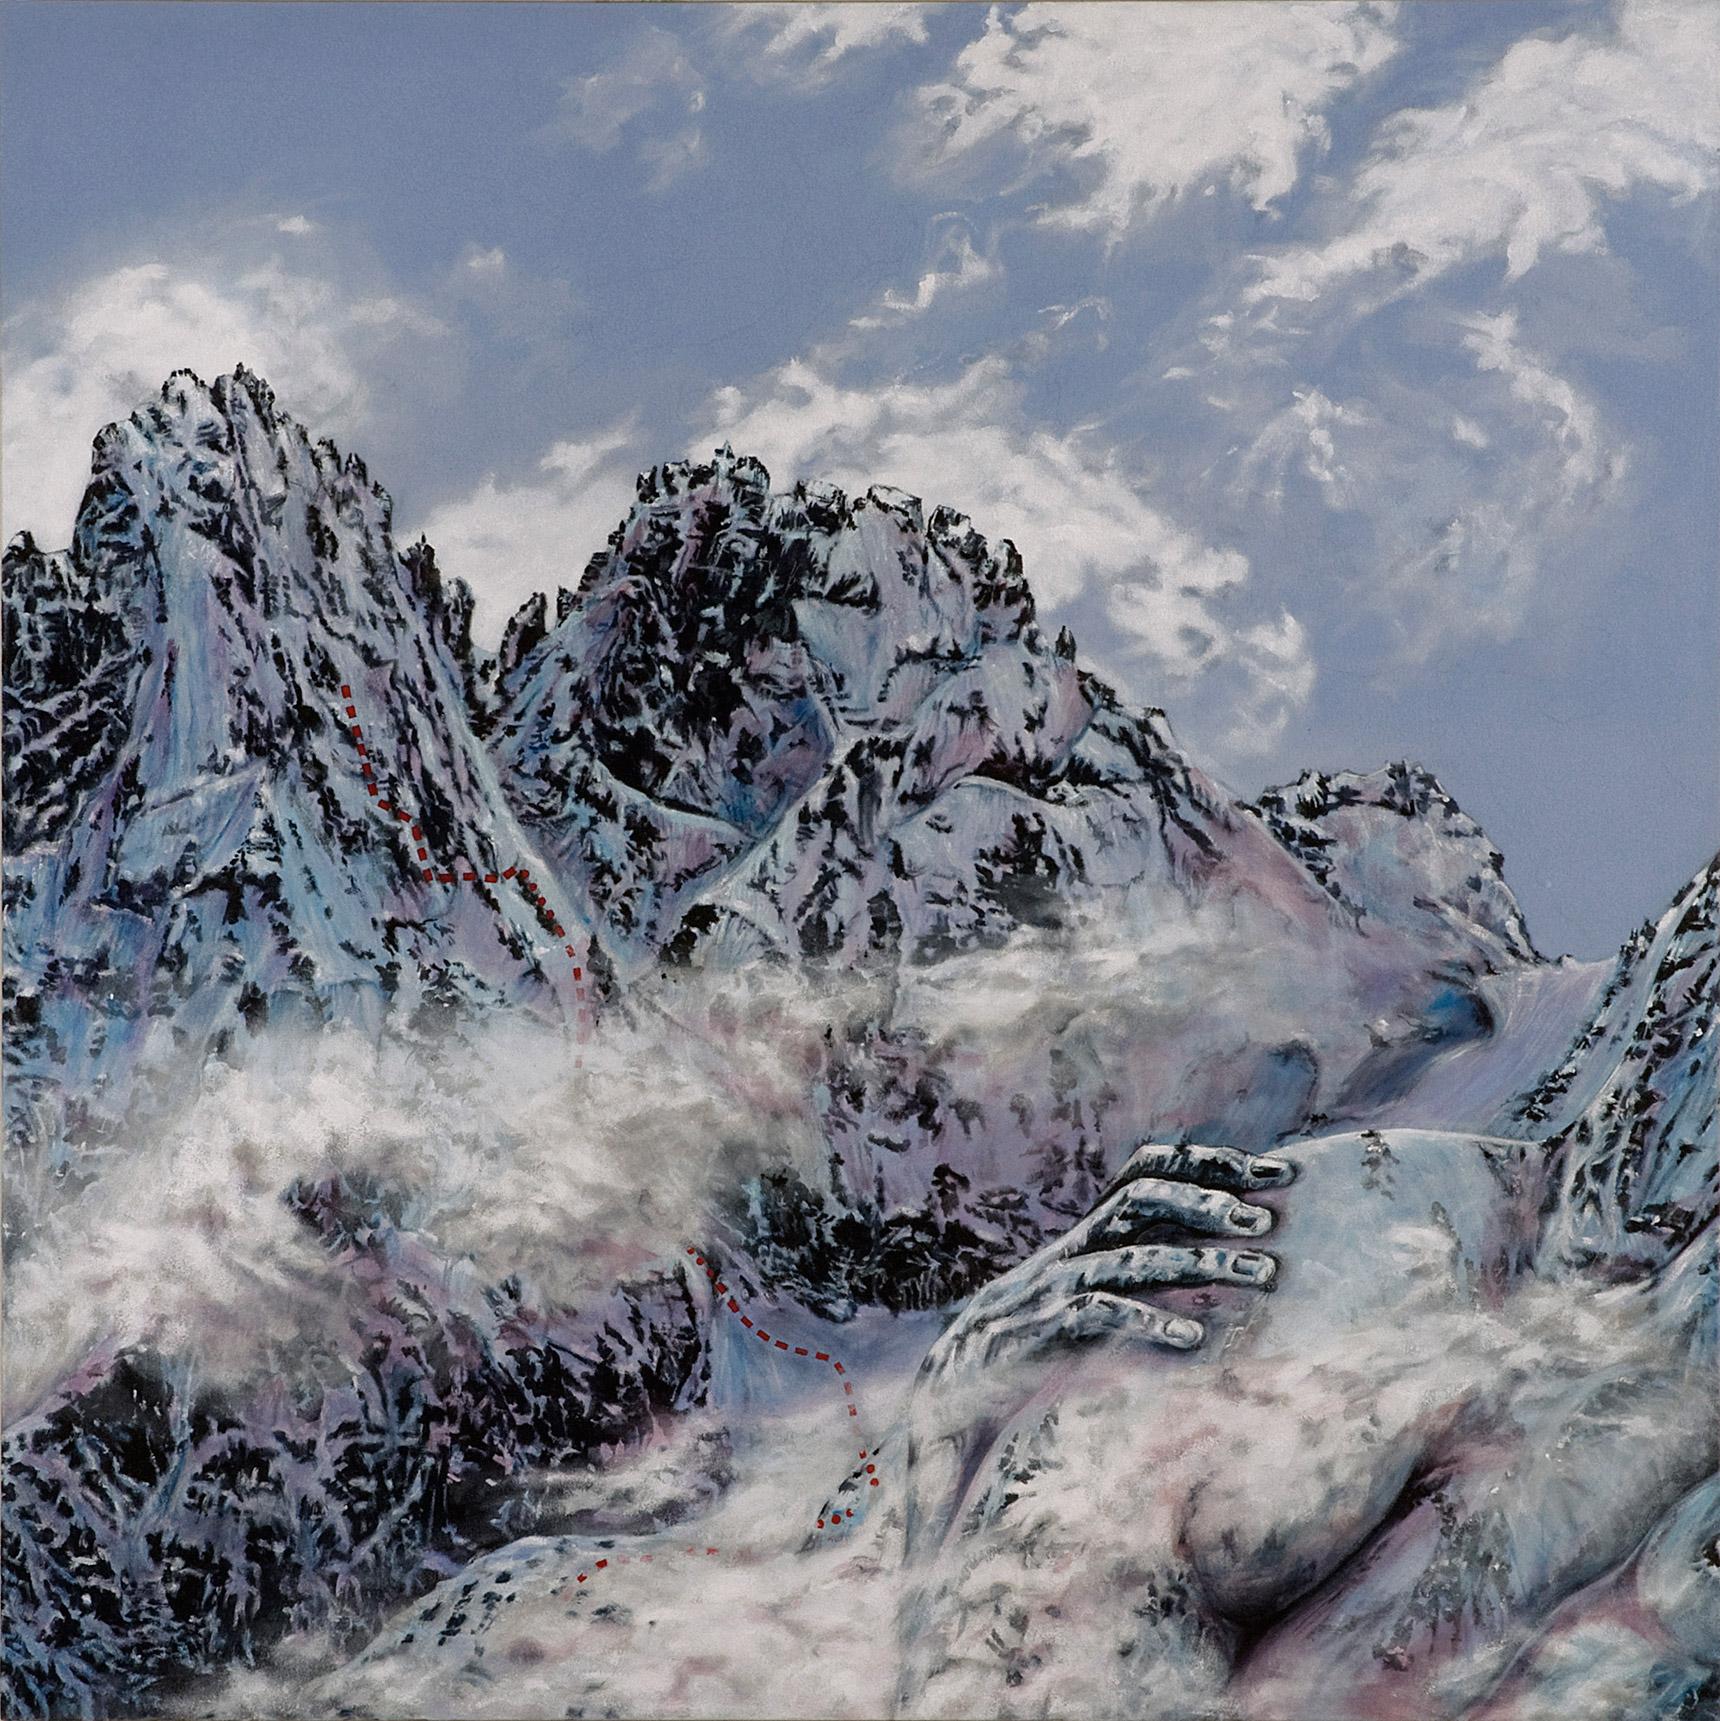 Peinture hyperréalisme Hervé Bernard : It is not Too Far Off